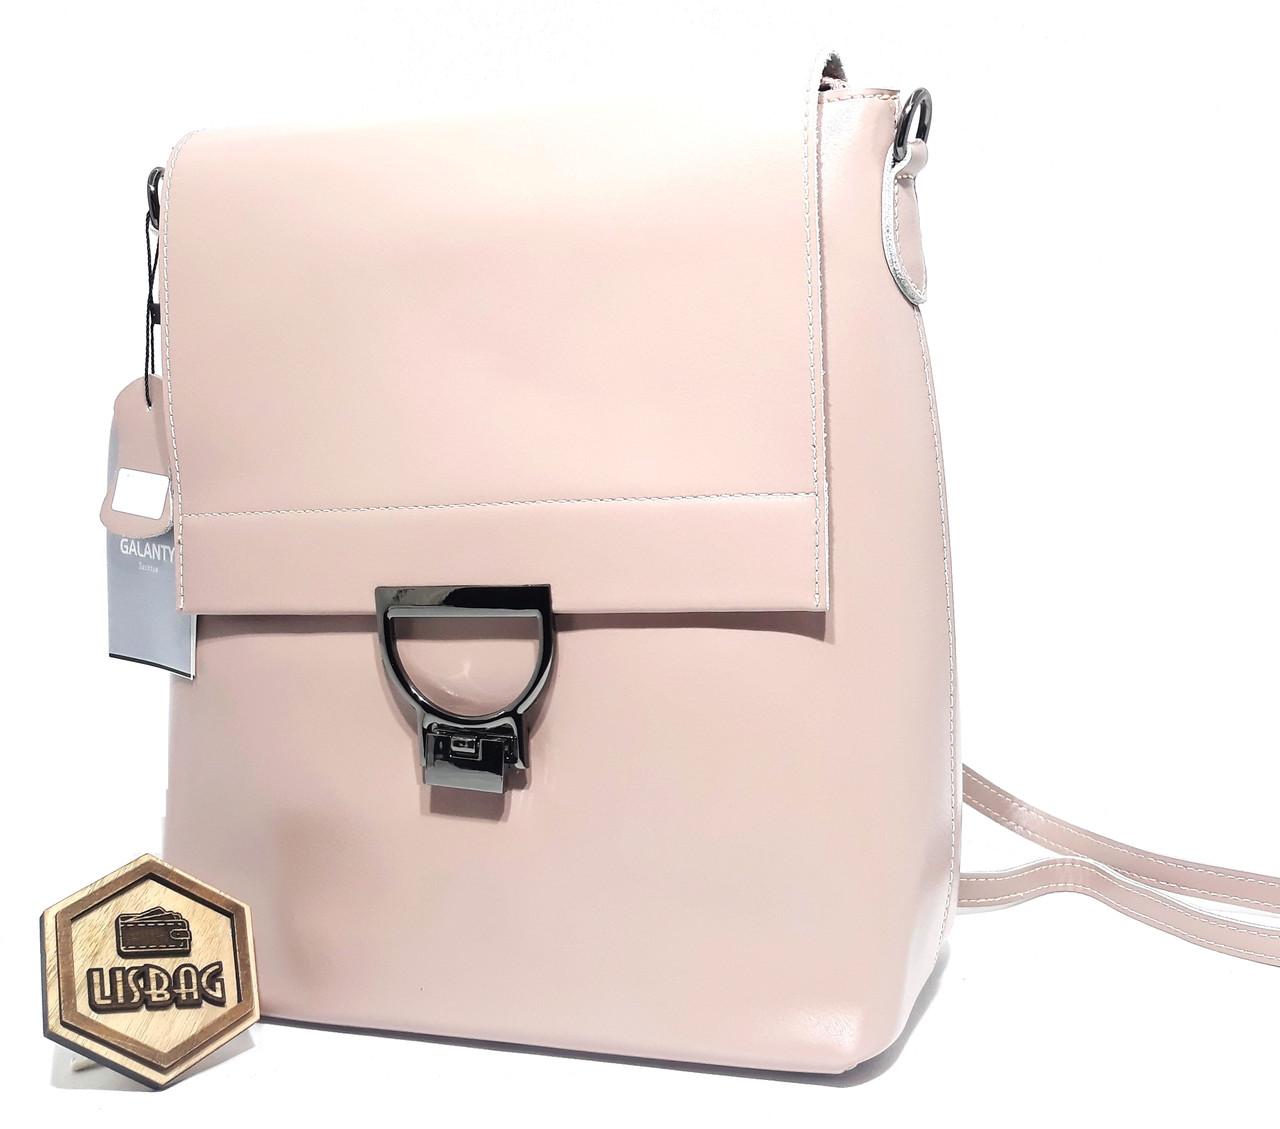 cae053094cc6 Женский повседневный кожаный рюкзак-сумка Galanty, нежно-розового цвета